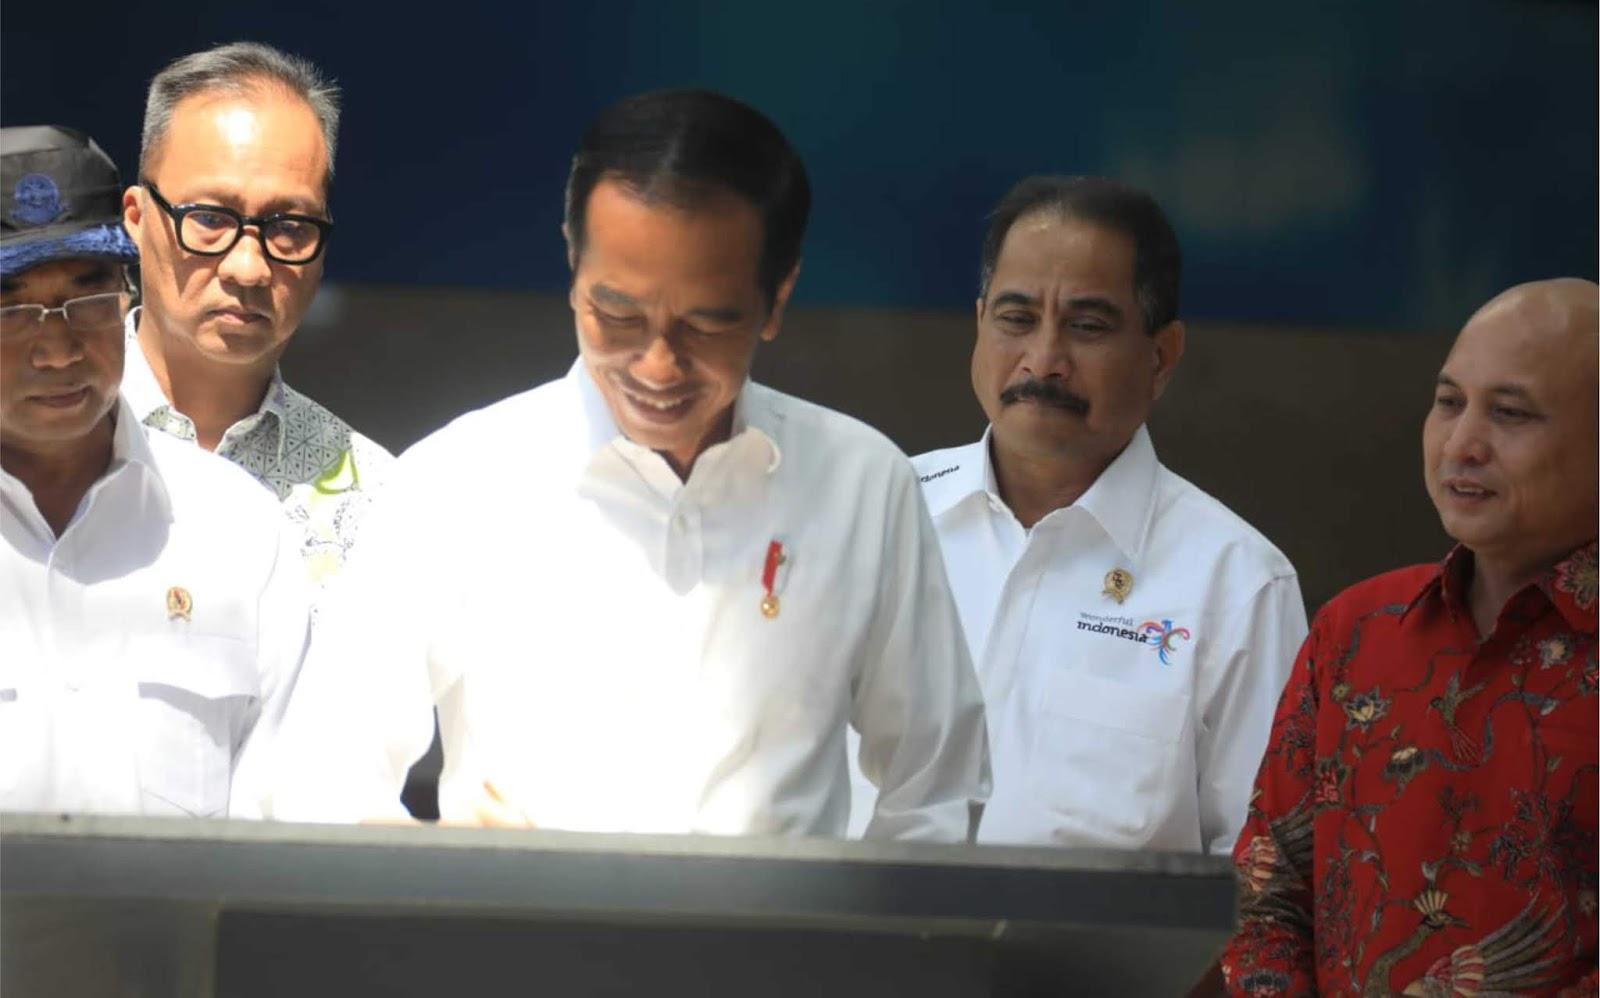 Presiden Jokowi Resmikan KEK Pariwisata Tanjung Kelayang, Siap Jadi Destinasi Kelas Dunia